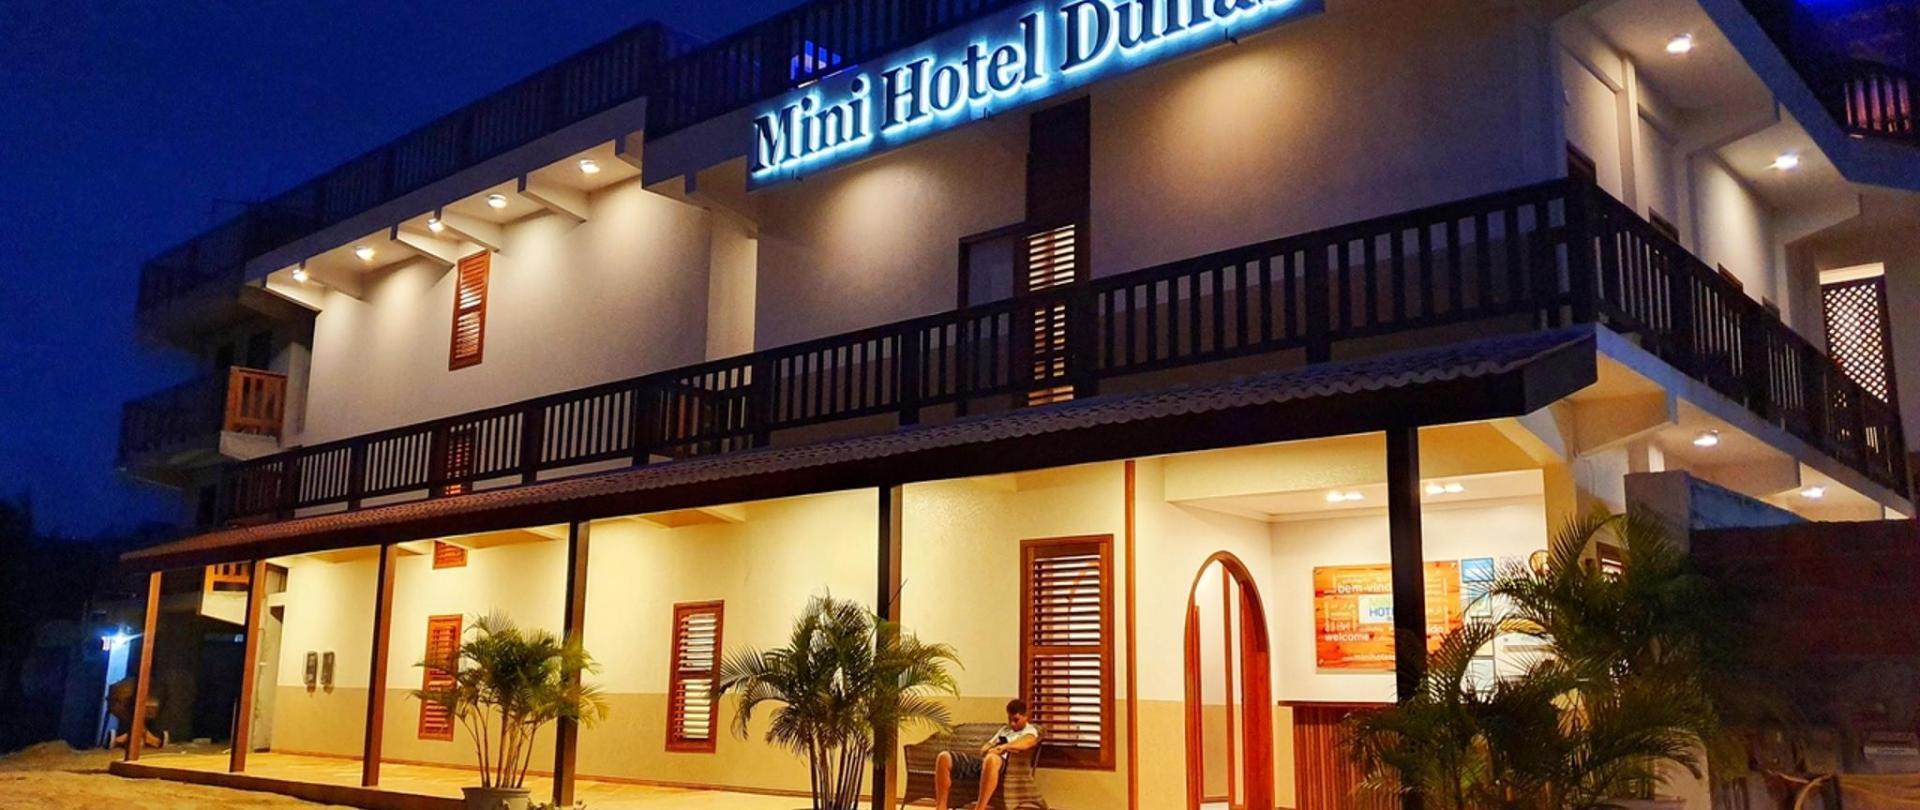 Mini Hôtel Dunas